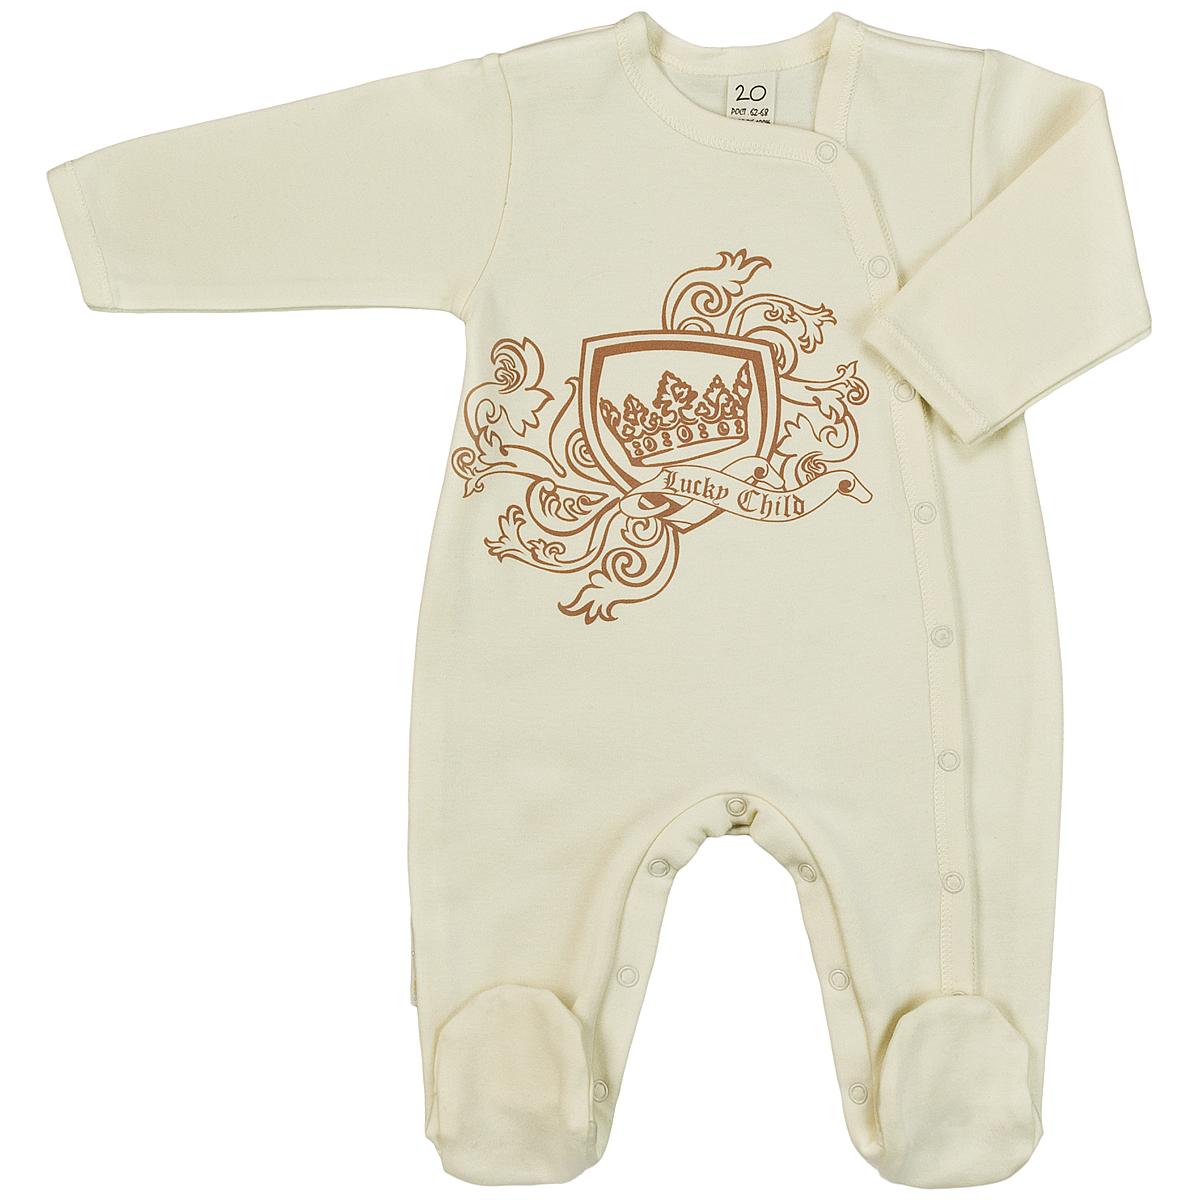 Комбинезон детский Lucky Child, цвет: экрю. 6-16. Размер 68/746-16Детский комбинезон Lucky Child - очень удобный и практичный вид одежды для малышей. Комбинезон выполнен из интерлока - натурального хлопка, благодаря чему он необычайно мягкий и приятный на ощупь, не раздражают нежную кожу ребенка и хорошо вентилируются, а эластичные швы приятны телу малыша и не препятствуют его движениям. Комбинезон с длинными рукавами и закрытыми ножками имеет асимметричные застежки-кнопки от горловины до щиколотки, которые помогают легко переодеть младенца или сменить подгузник. На груди он оформлен оригинальным принтом в виде логотипа бренда. С детским комбинезоном Lucky Child спинка и ножки вашего малыша всегда будут в тепле, он идеален для использования днем и незаменим ночью. Комбинезон полностью соответствует особенностям жизни младенца в ранний период, не стесняя и не ограничивая его в движениях!